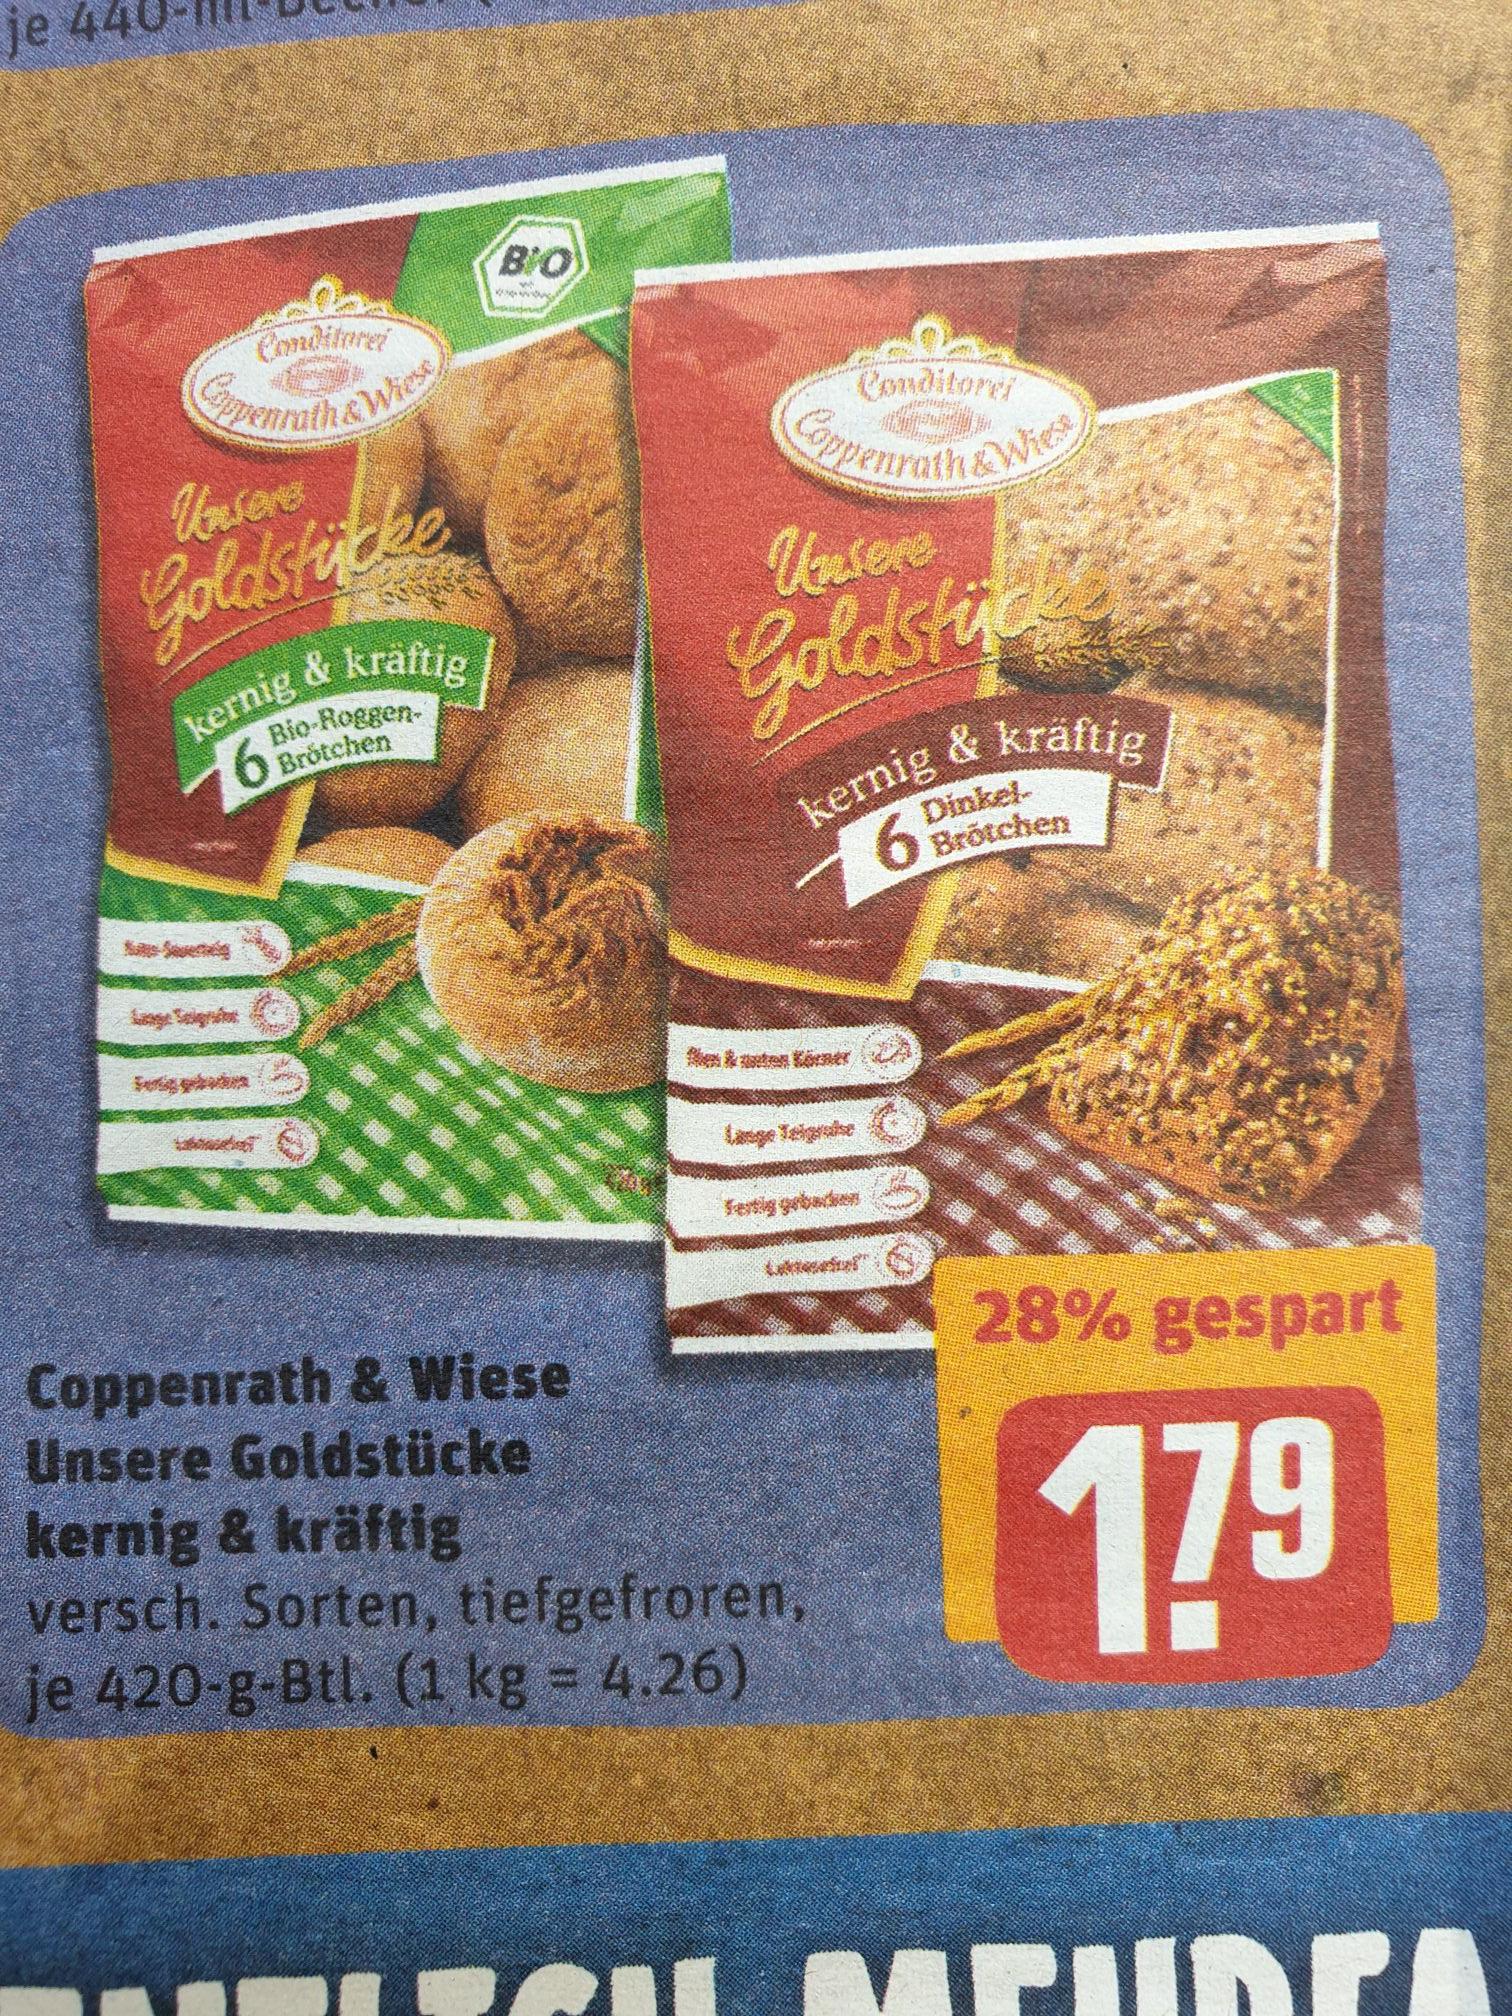 Rewe Coppenrath & Wiese Goldstücke Bio + Dinkelbrötchen, kernig + kräftig  für 1,79€